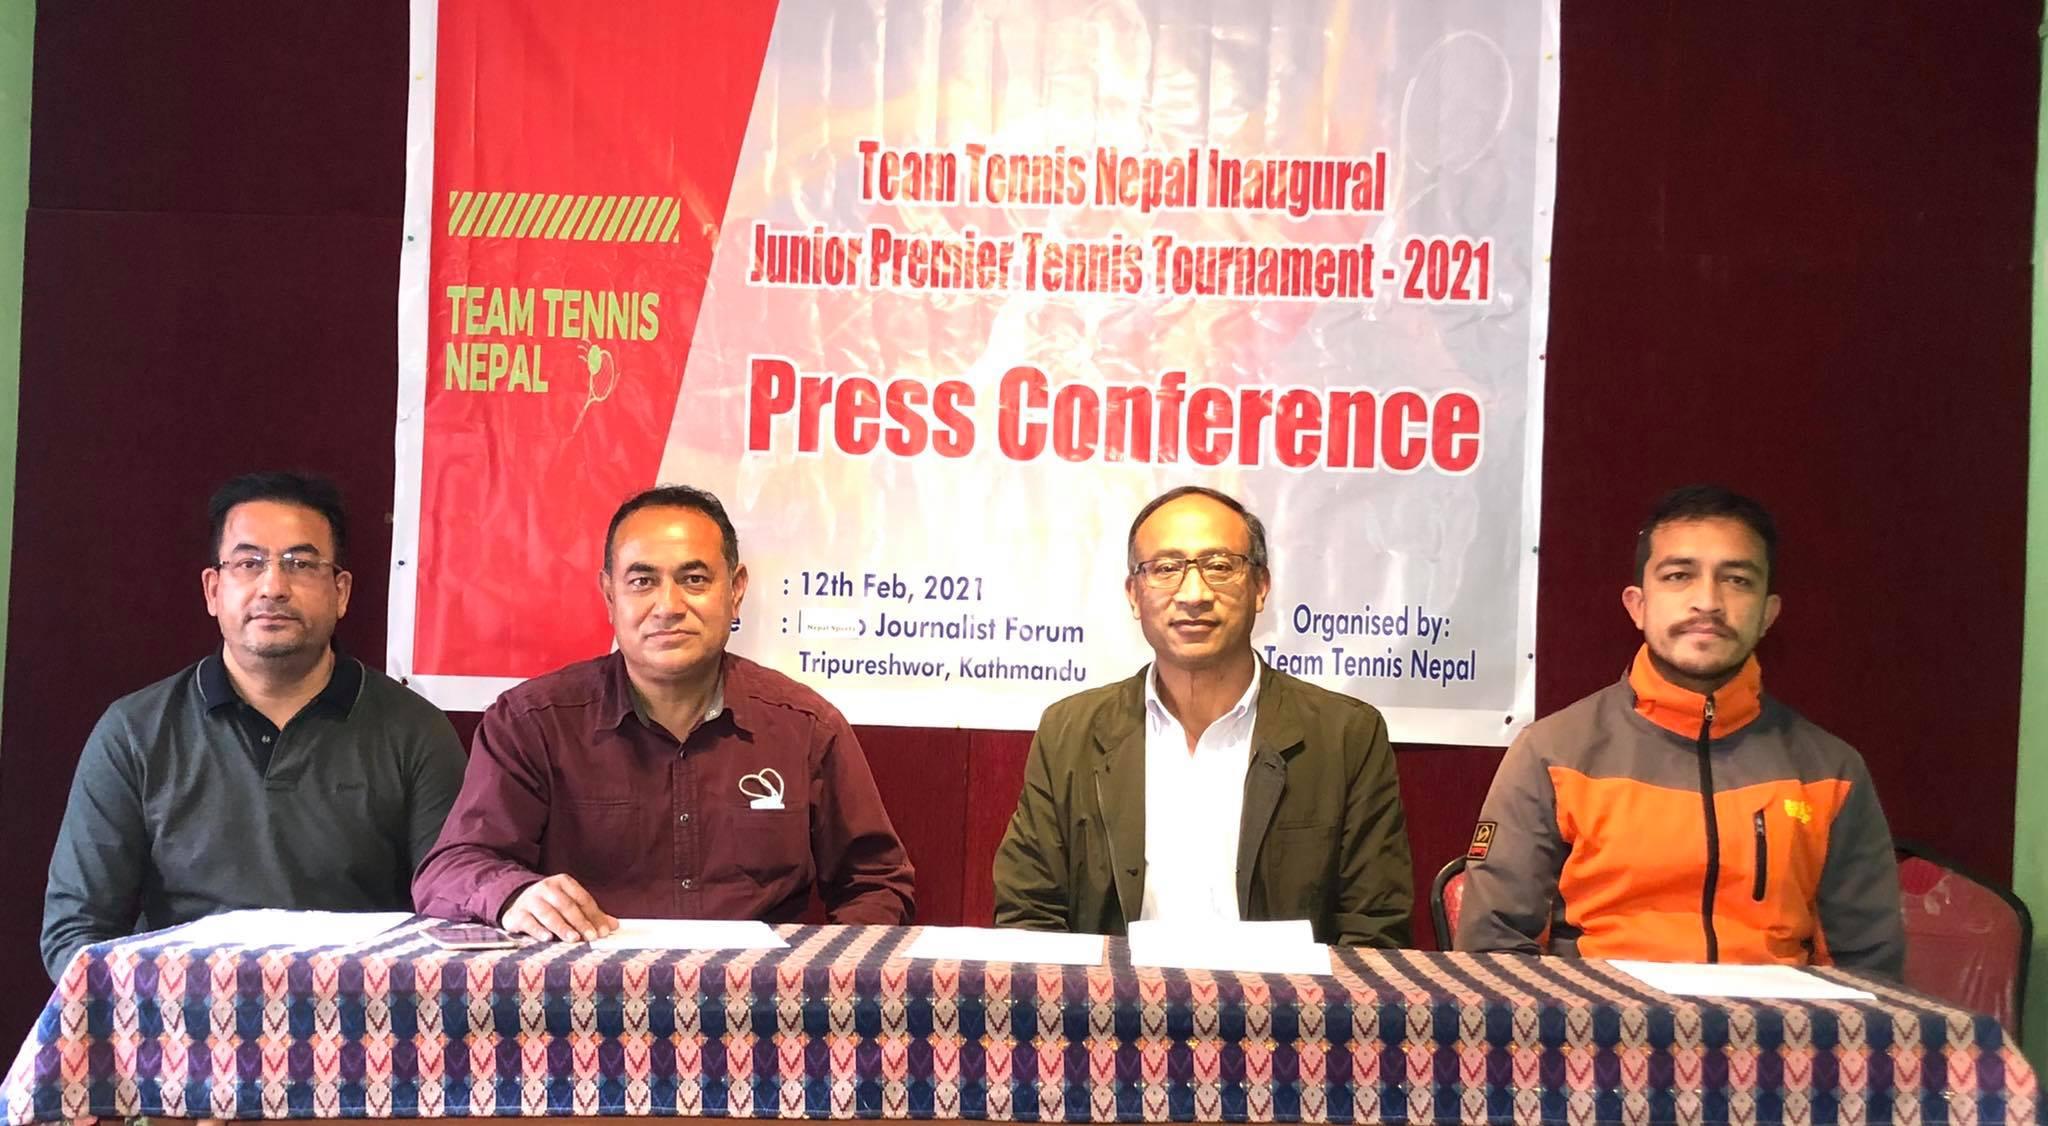 टिम टेनिस नेपाल इनअगरल जुनियर प्रिमियर टेनिस प्रतियोगिता फागुन २ देखि